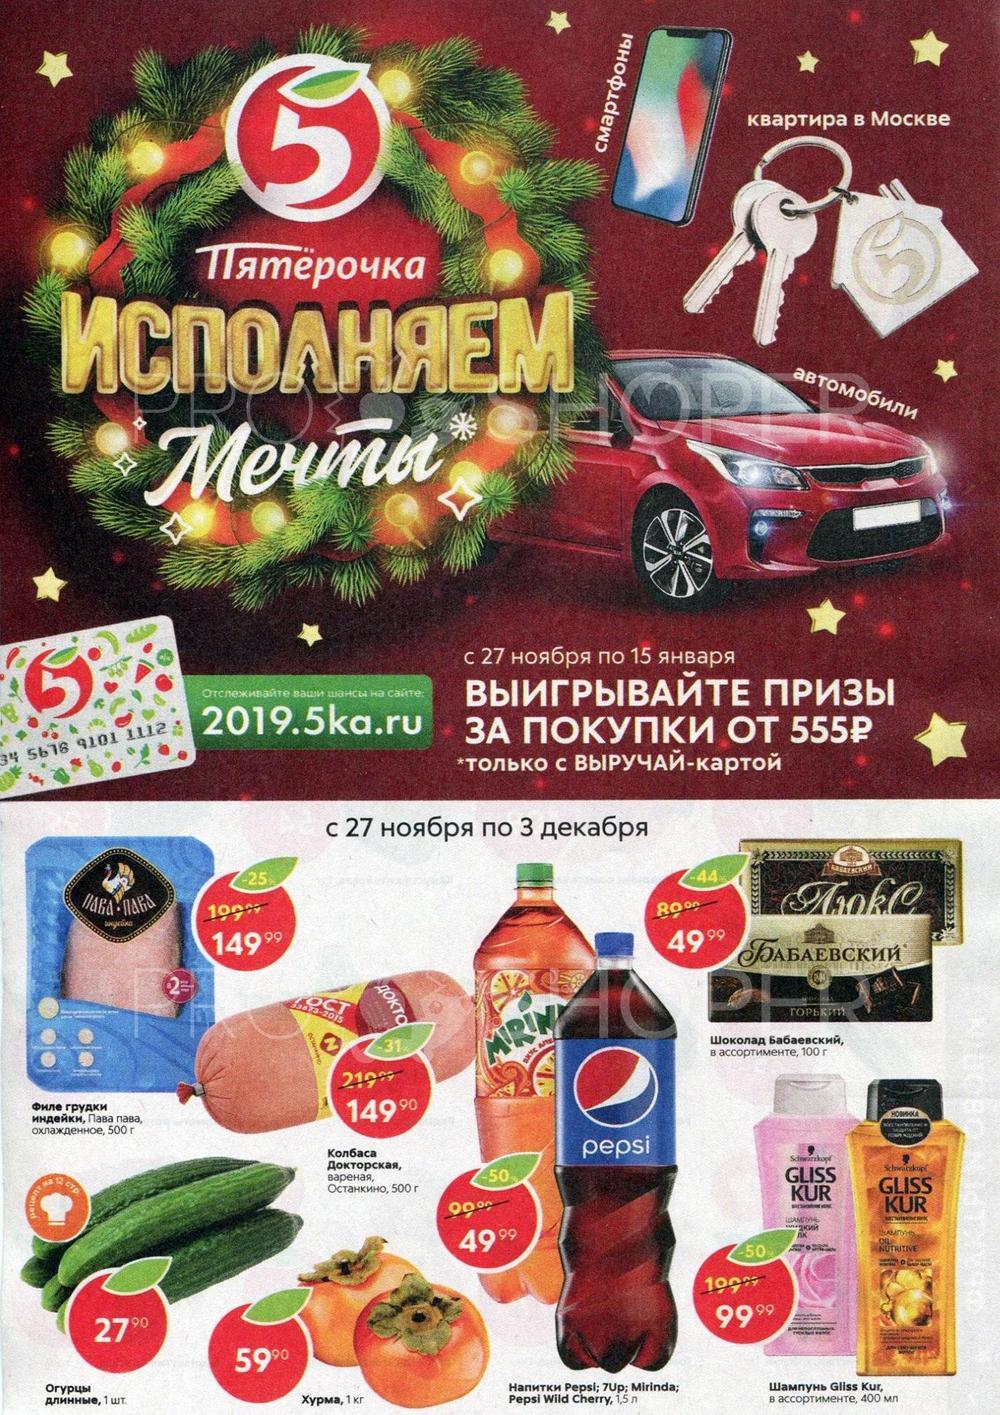 Акции в Пятёрочке с 27 ноября по 3 декабря 2018 года